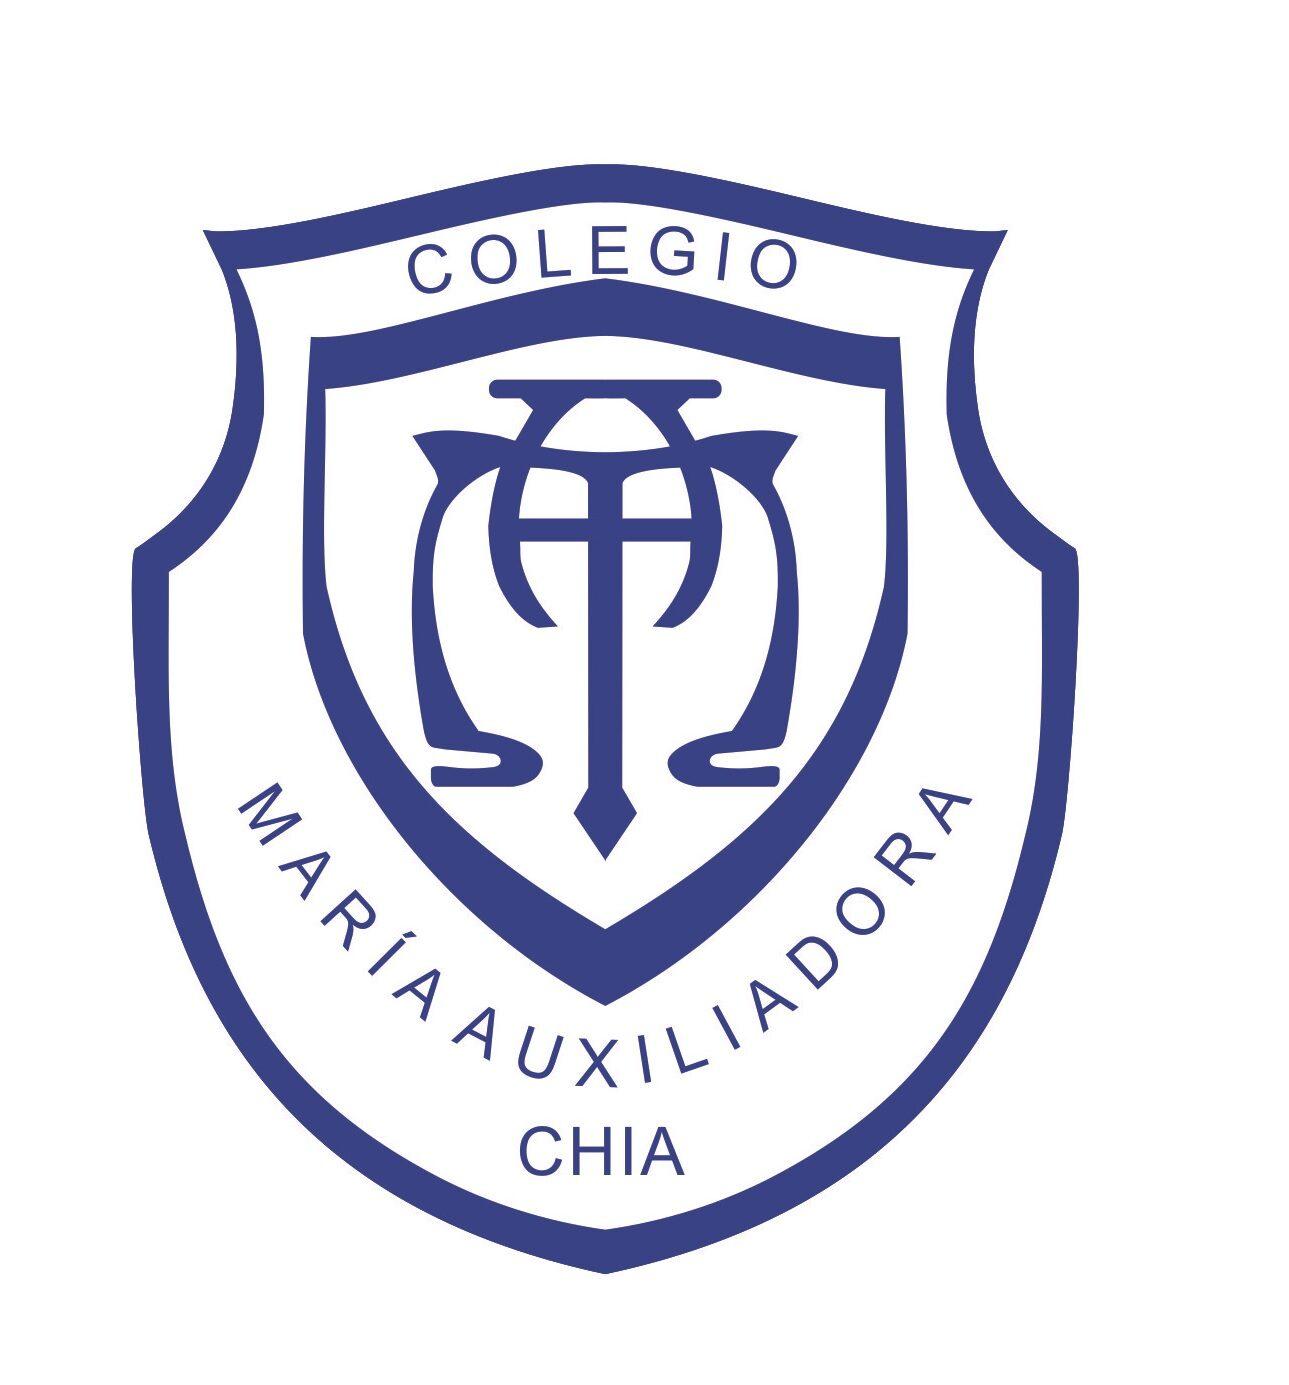 María Auxiliadora Chía